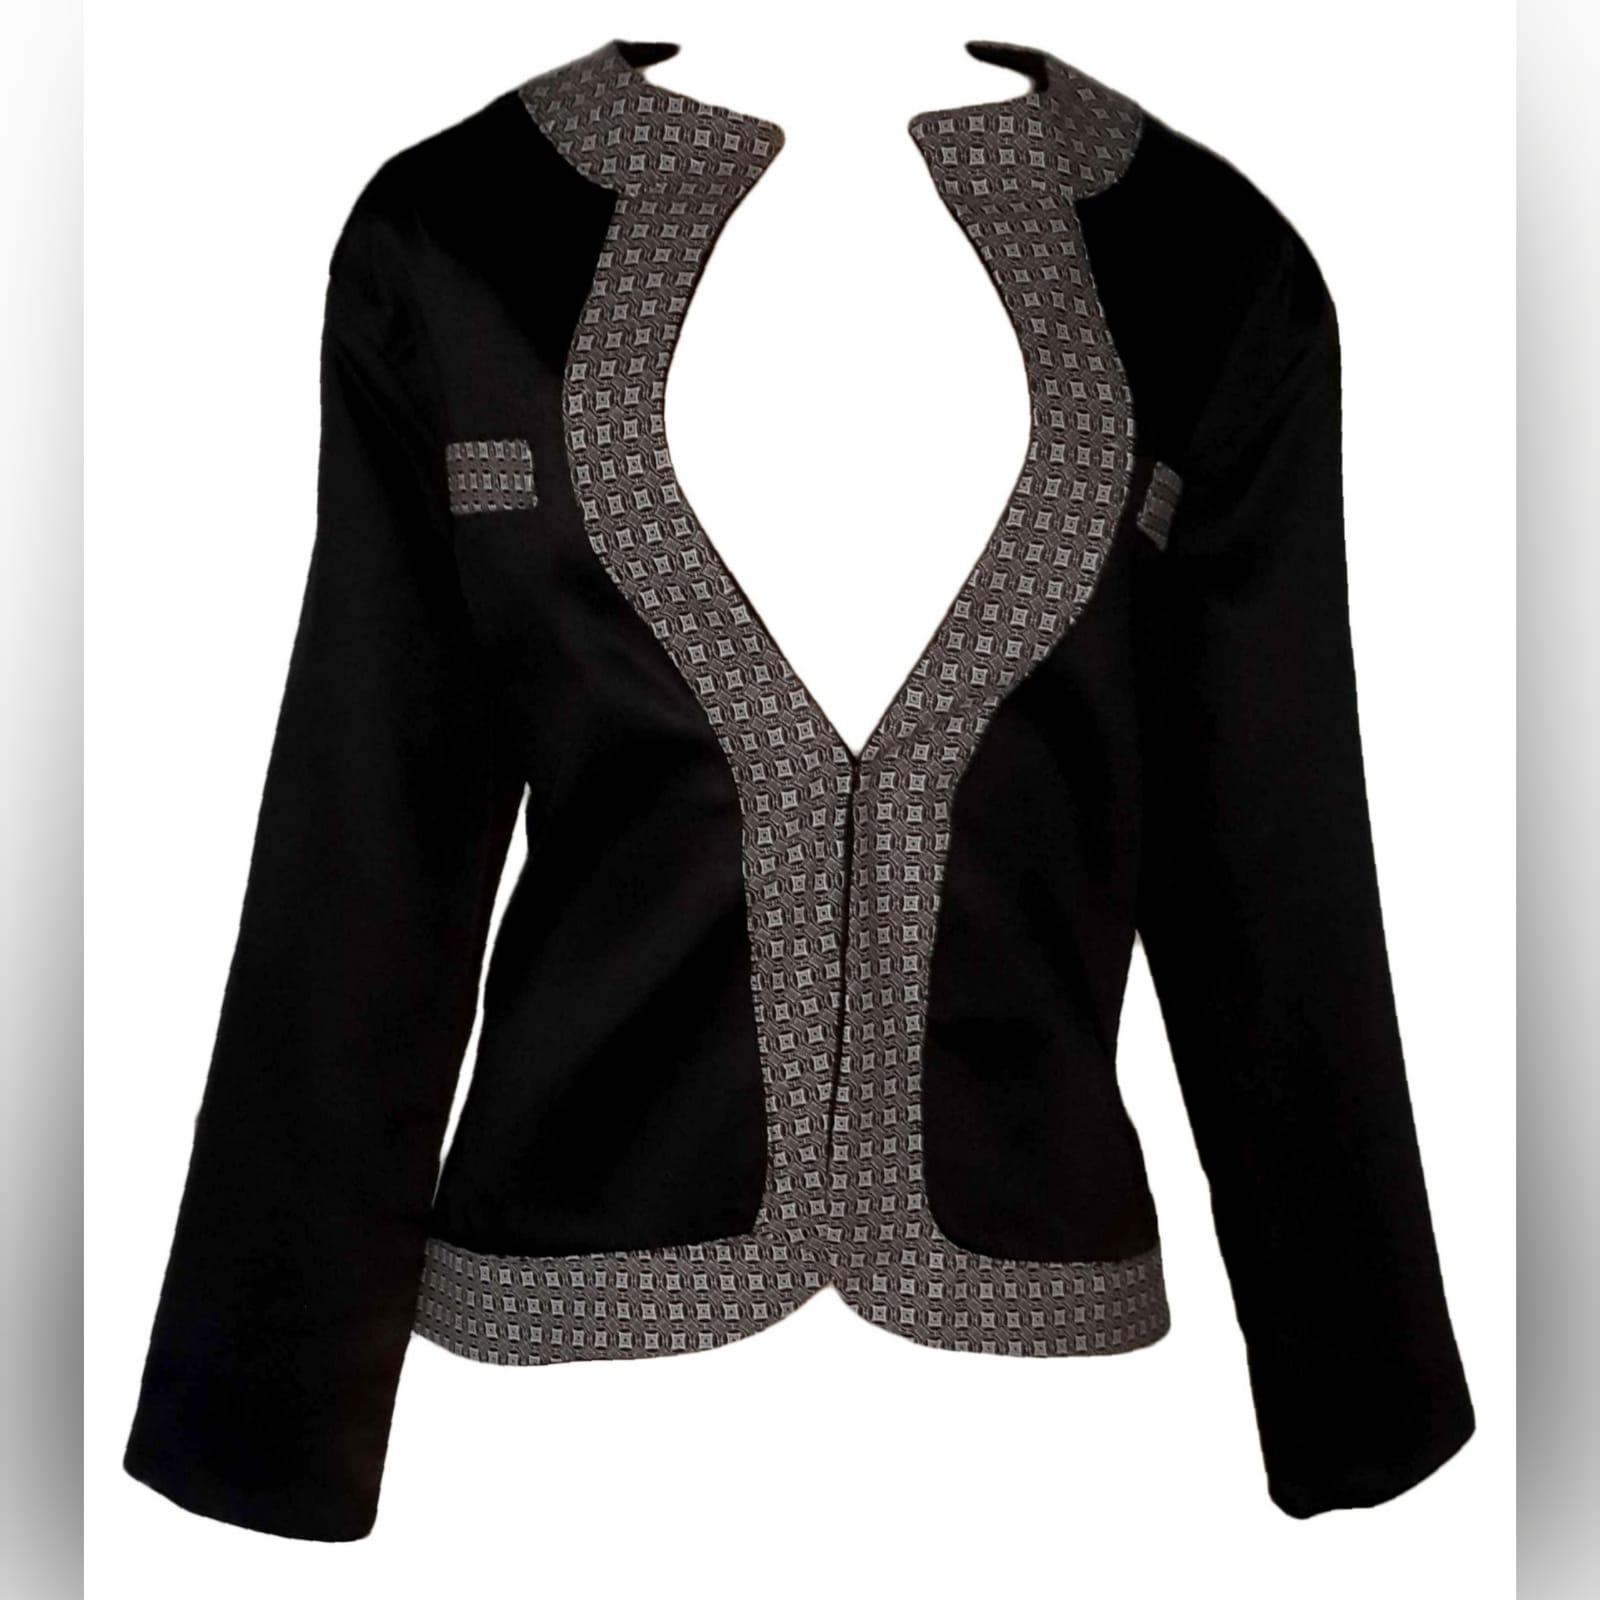 Black modern traditional ladies jacket 4 black modern traditional ladies jacket trimmed with shweshwe (brown)